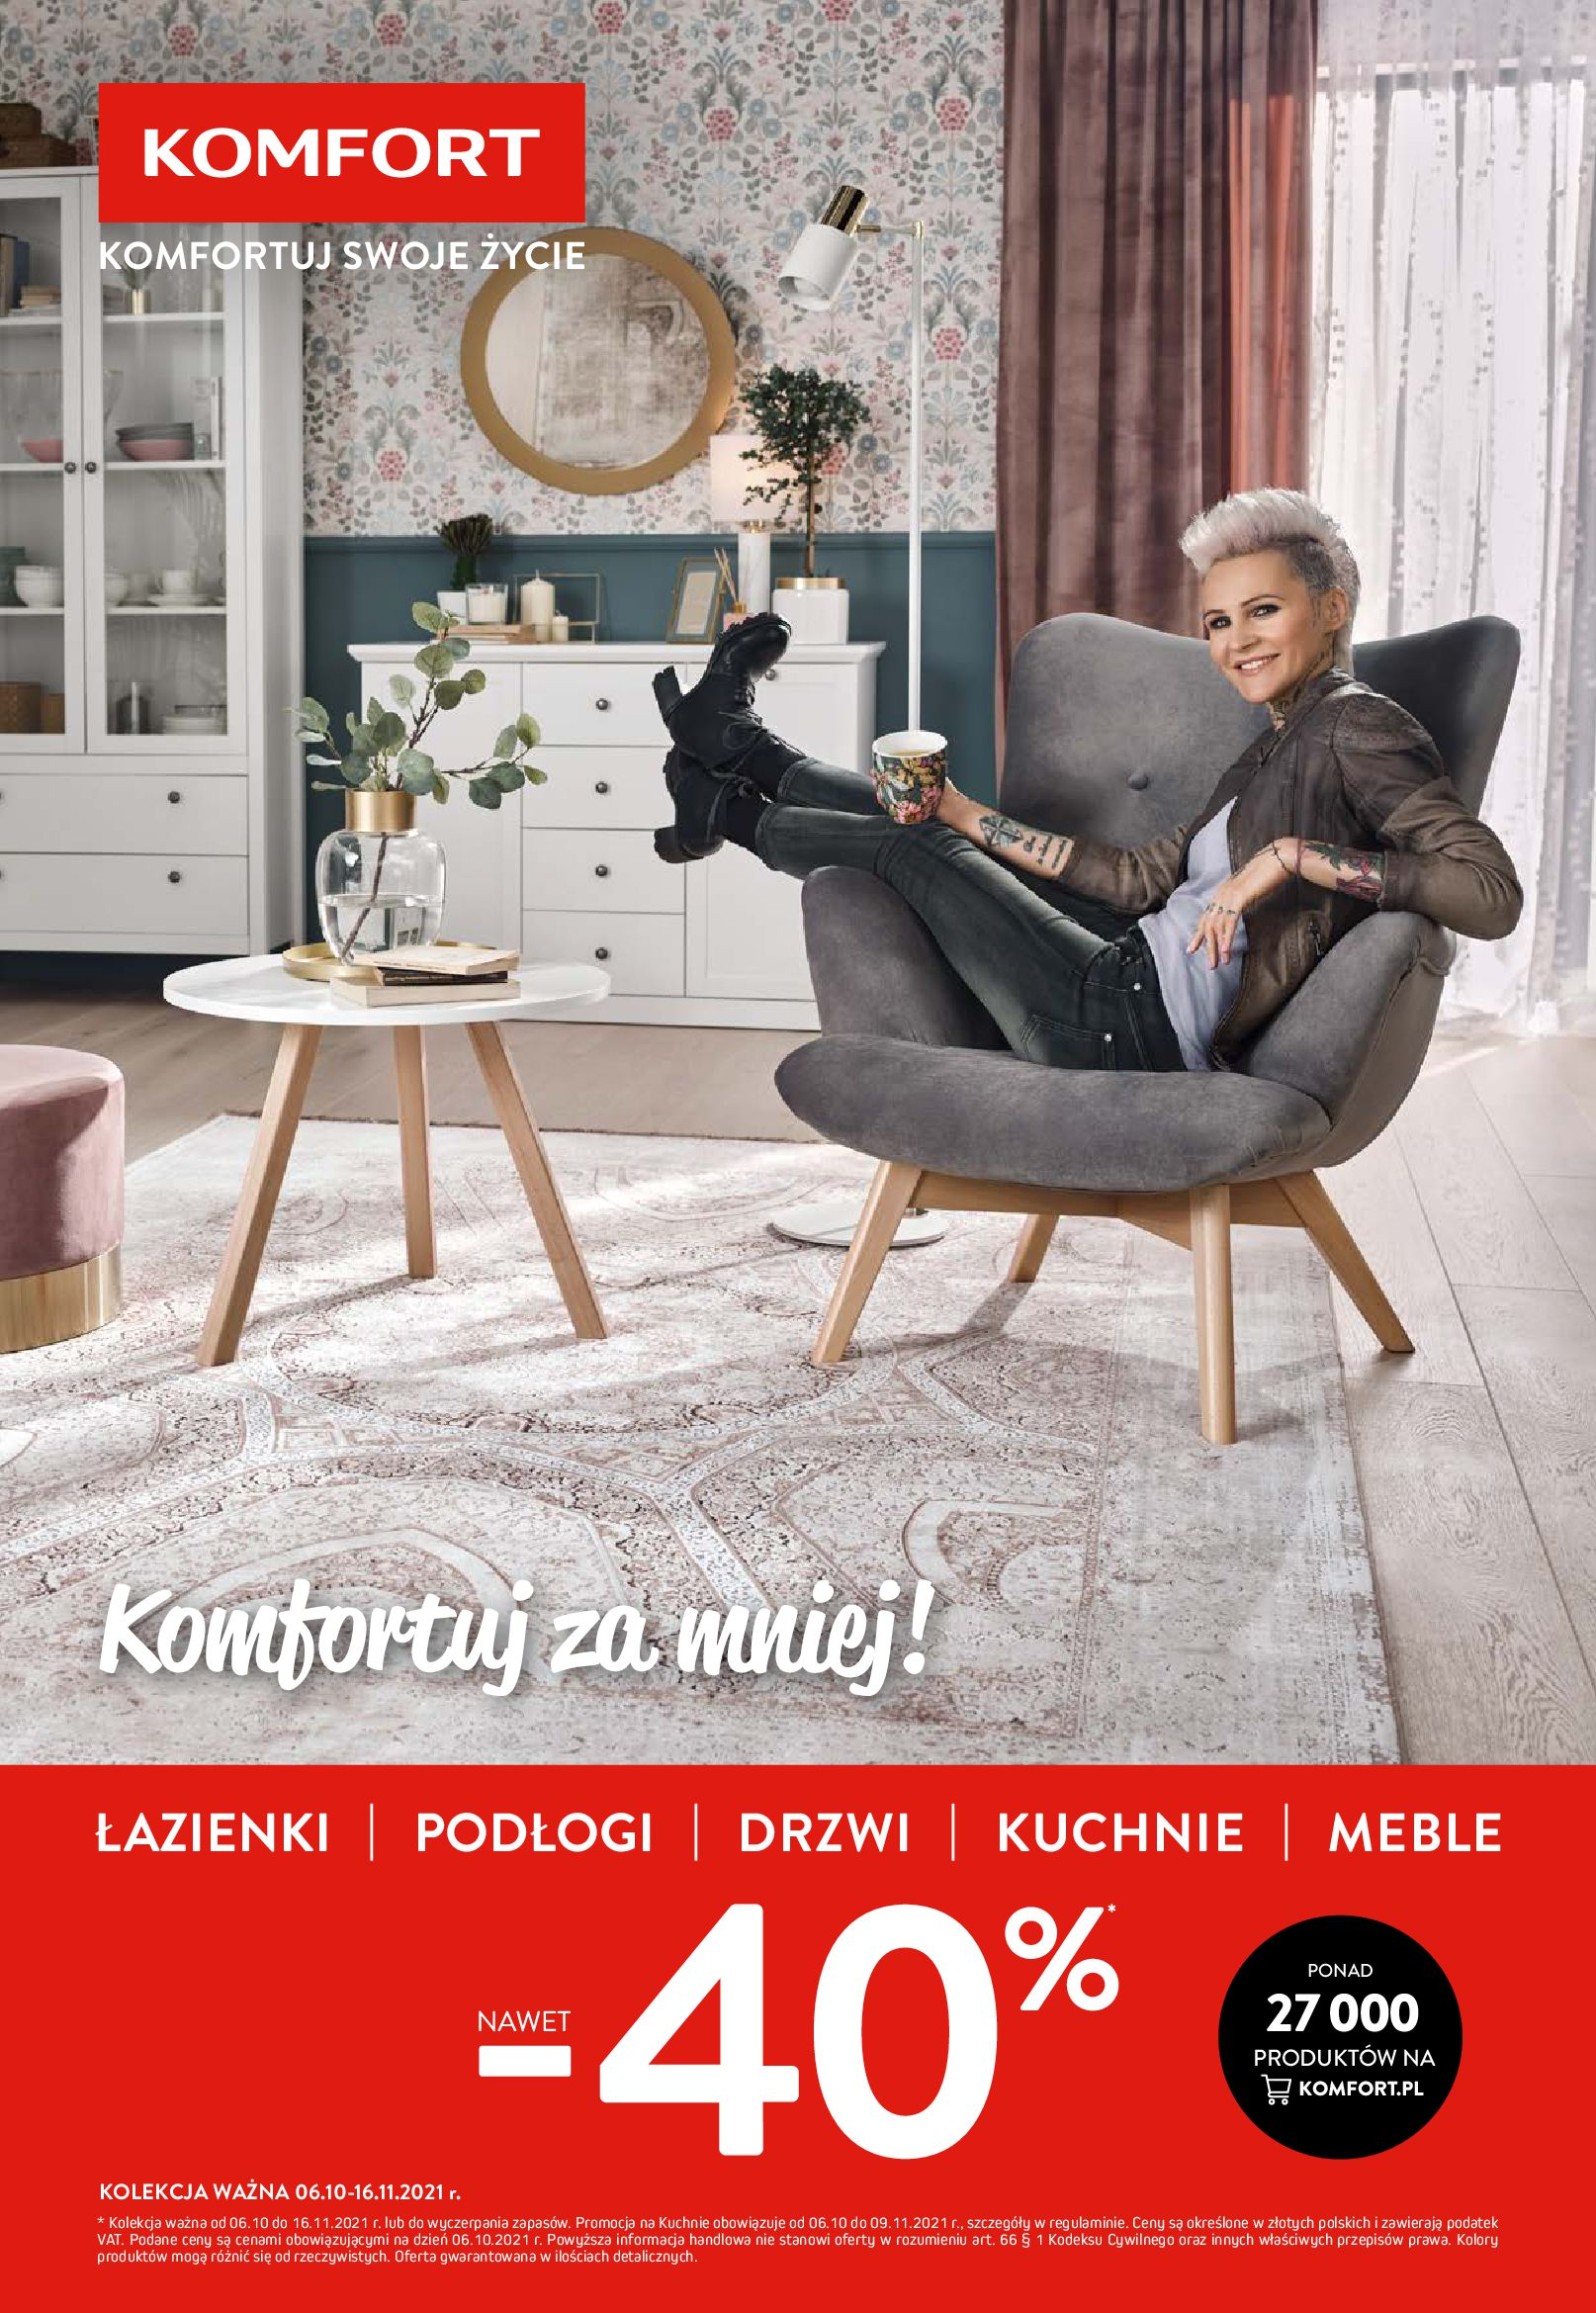 Komfort:  Gazetka komfort do 16.11. 05.10.2021